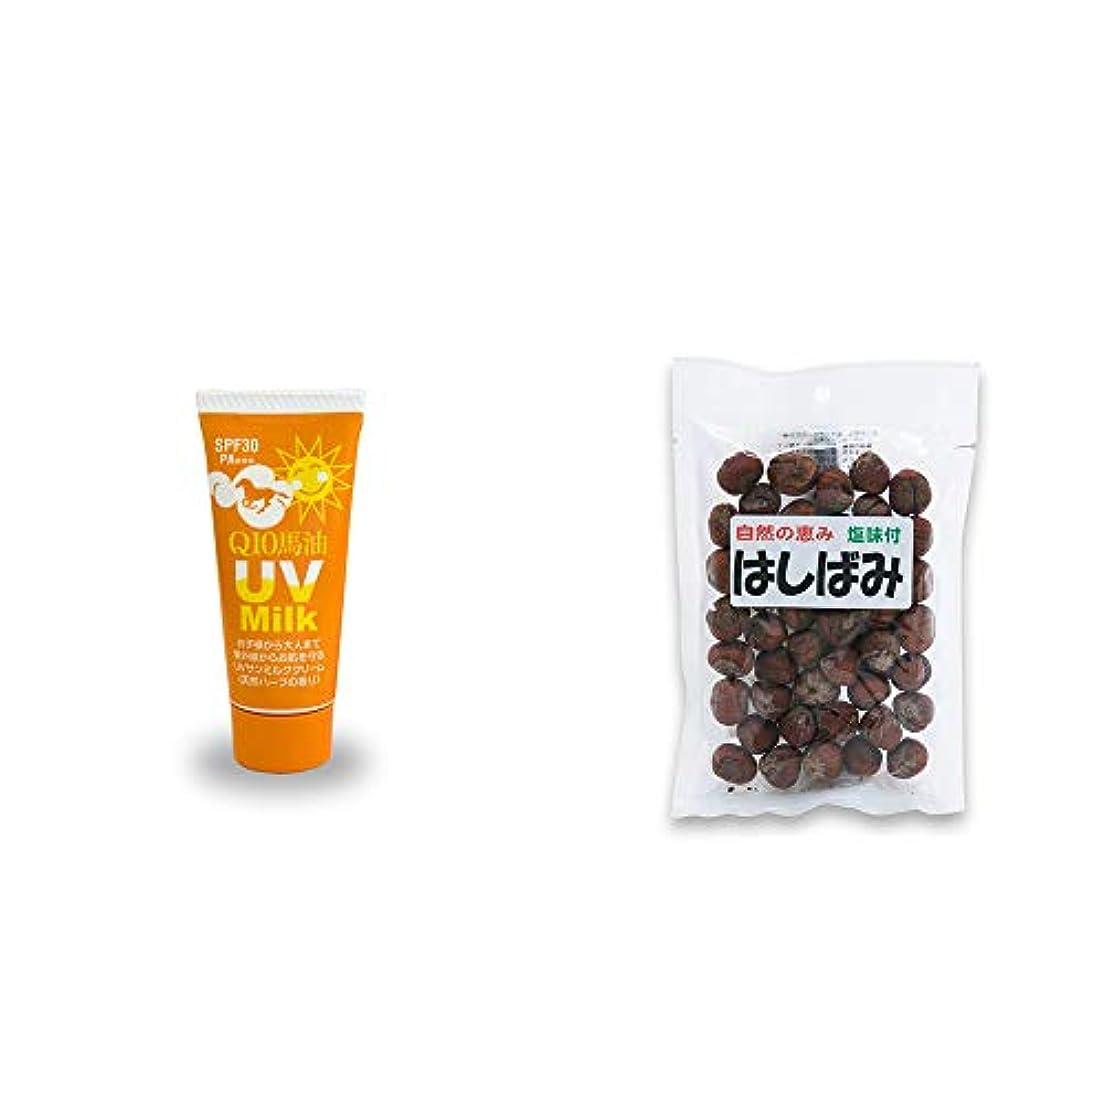 ポジション偉業チーフ[2点セット] 炭黒泉 Q10馬油 UVサンミルク[天然ハーブ](40g)?はしばみ(ヘーゼルナッツ)[塩味付](120g)